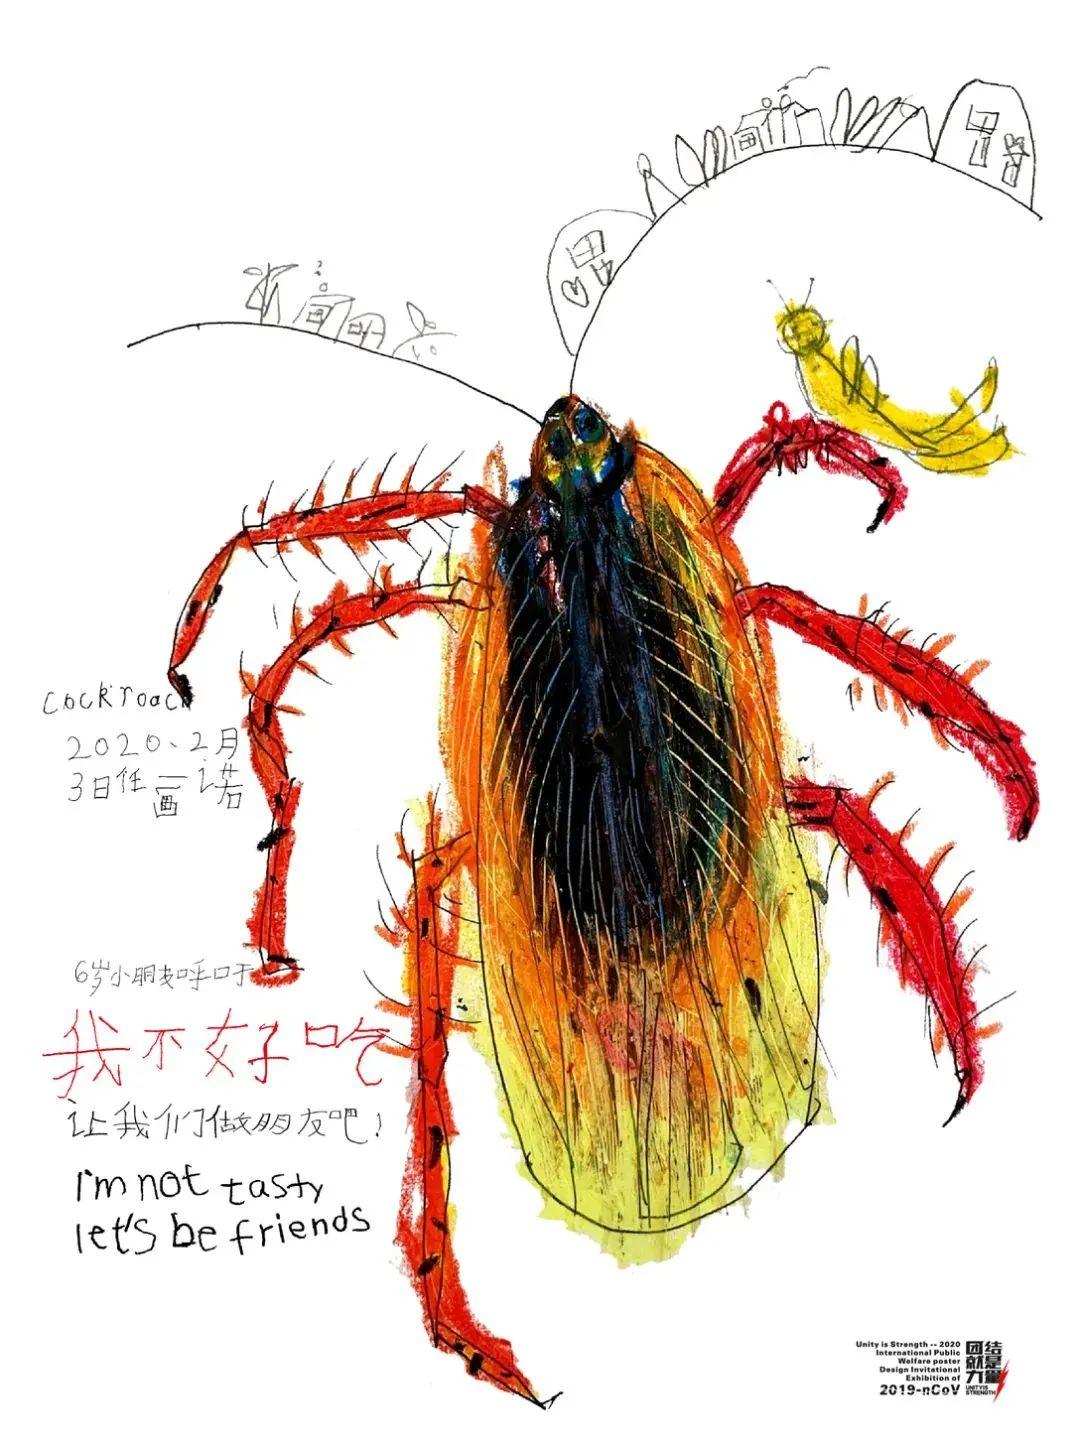 6岁蒙古族小设计师用插画拯救野生动物,为抗疫助力! 第12张